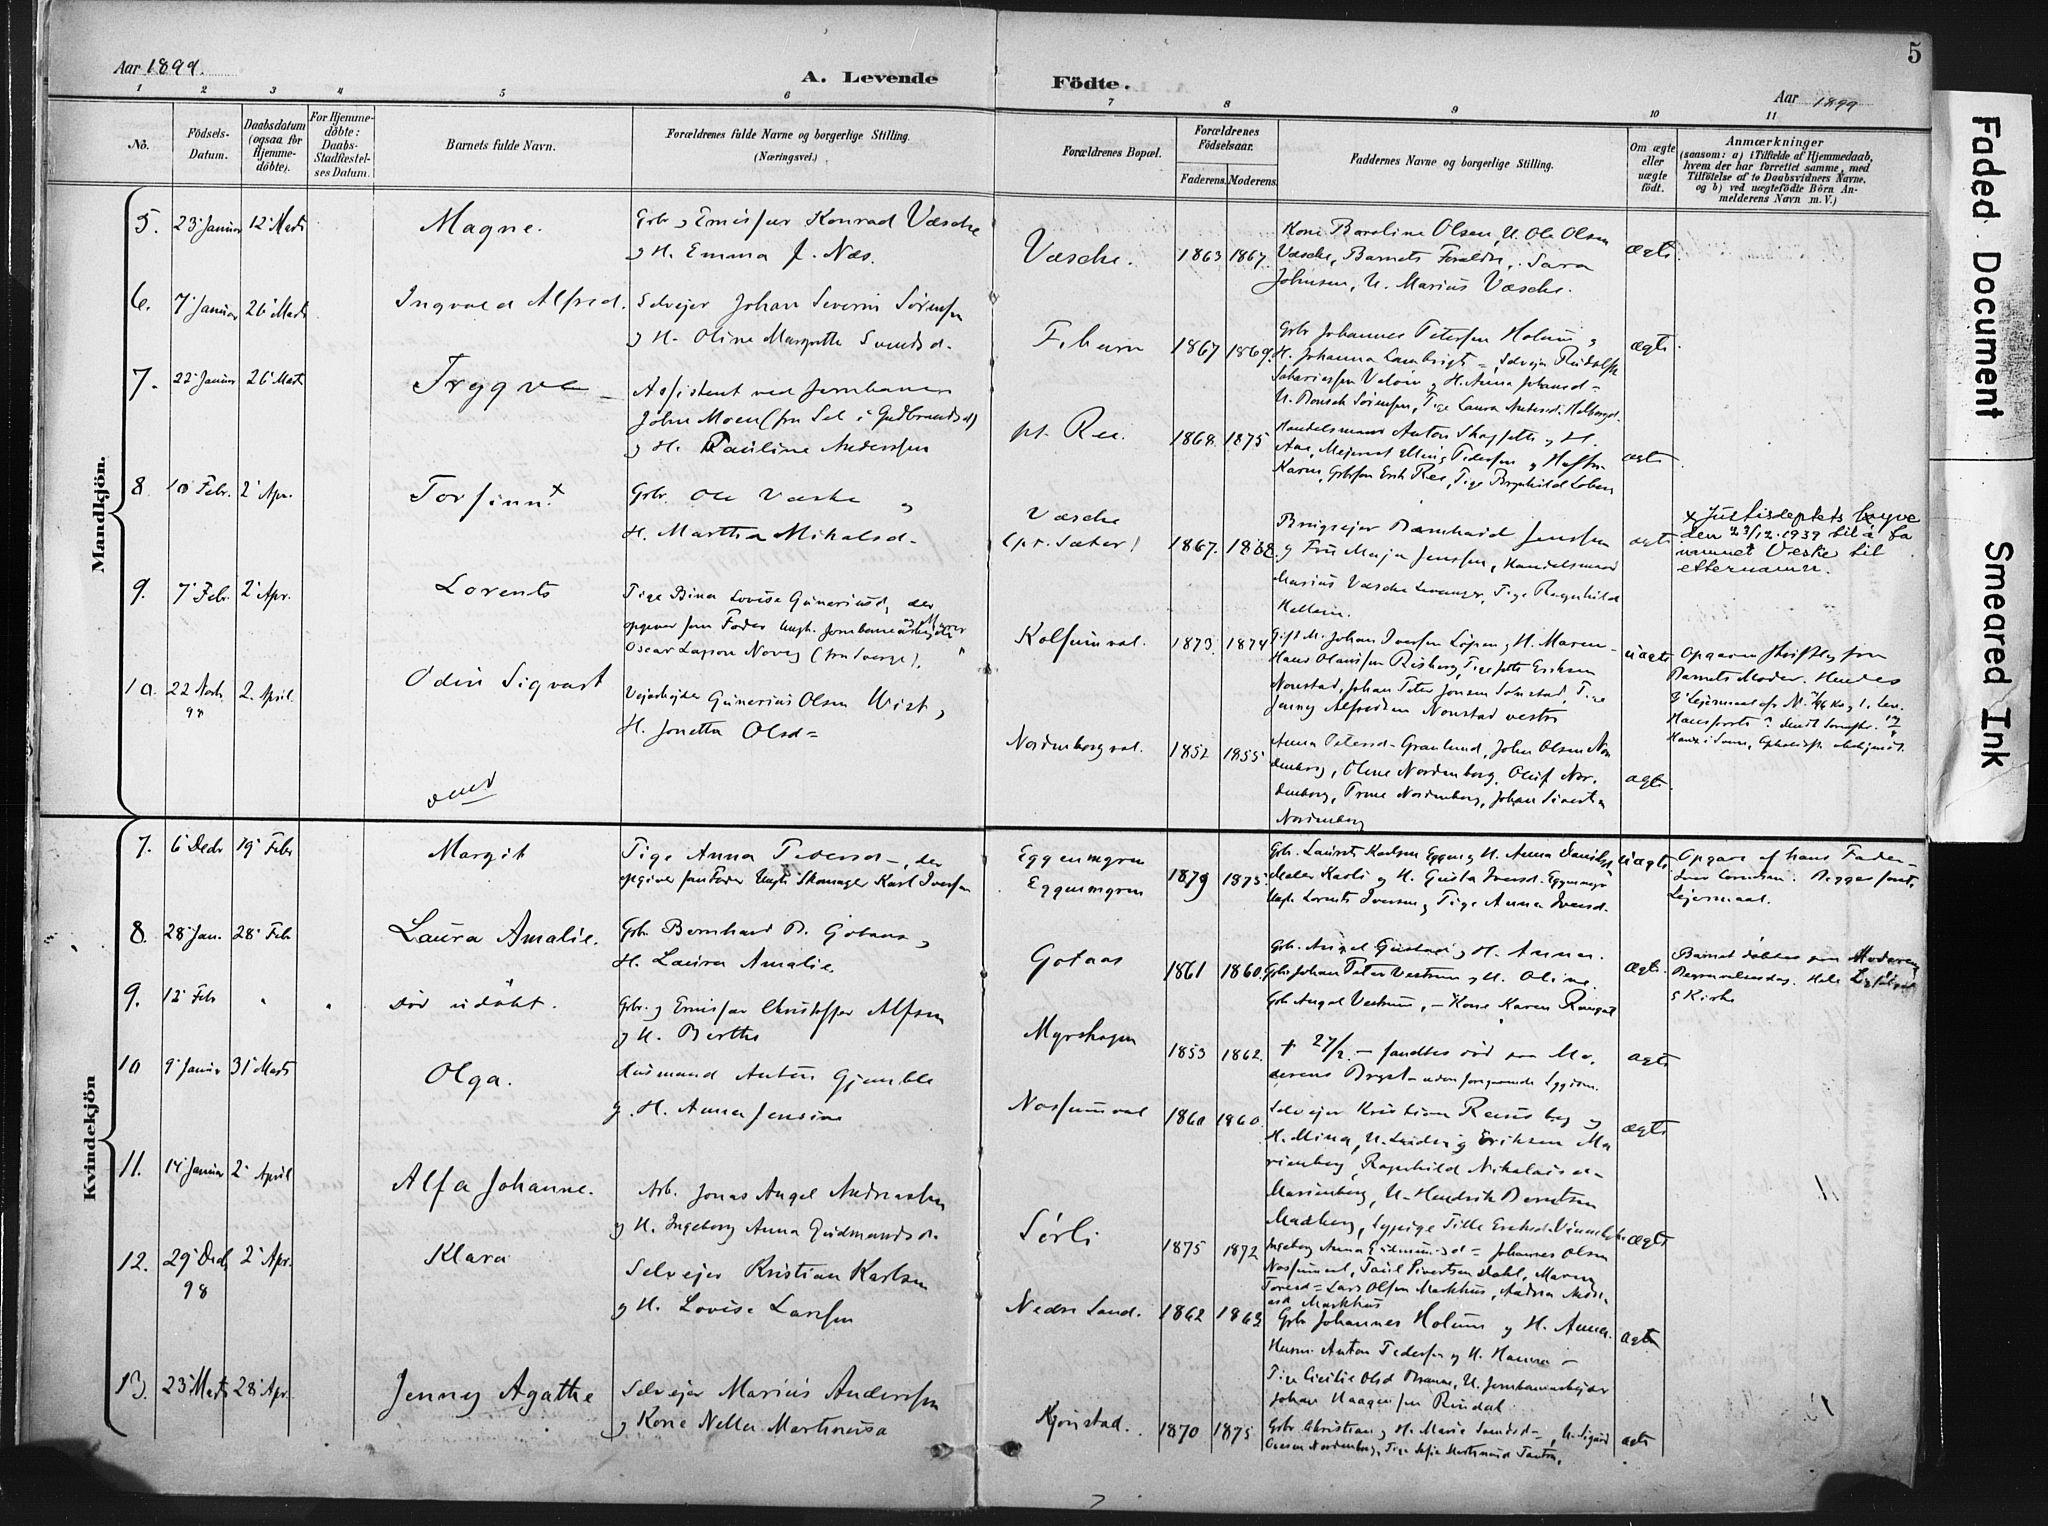 SAT, Ministerialprotokoller, klokkerbøker og fødselsregistre - Nord-Trøndelag, 717/L0162: Ministerialbok nr. 717A12, 1898-1923, s. 5